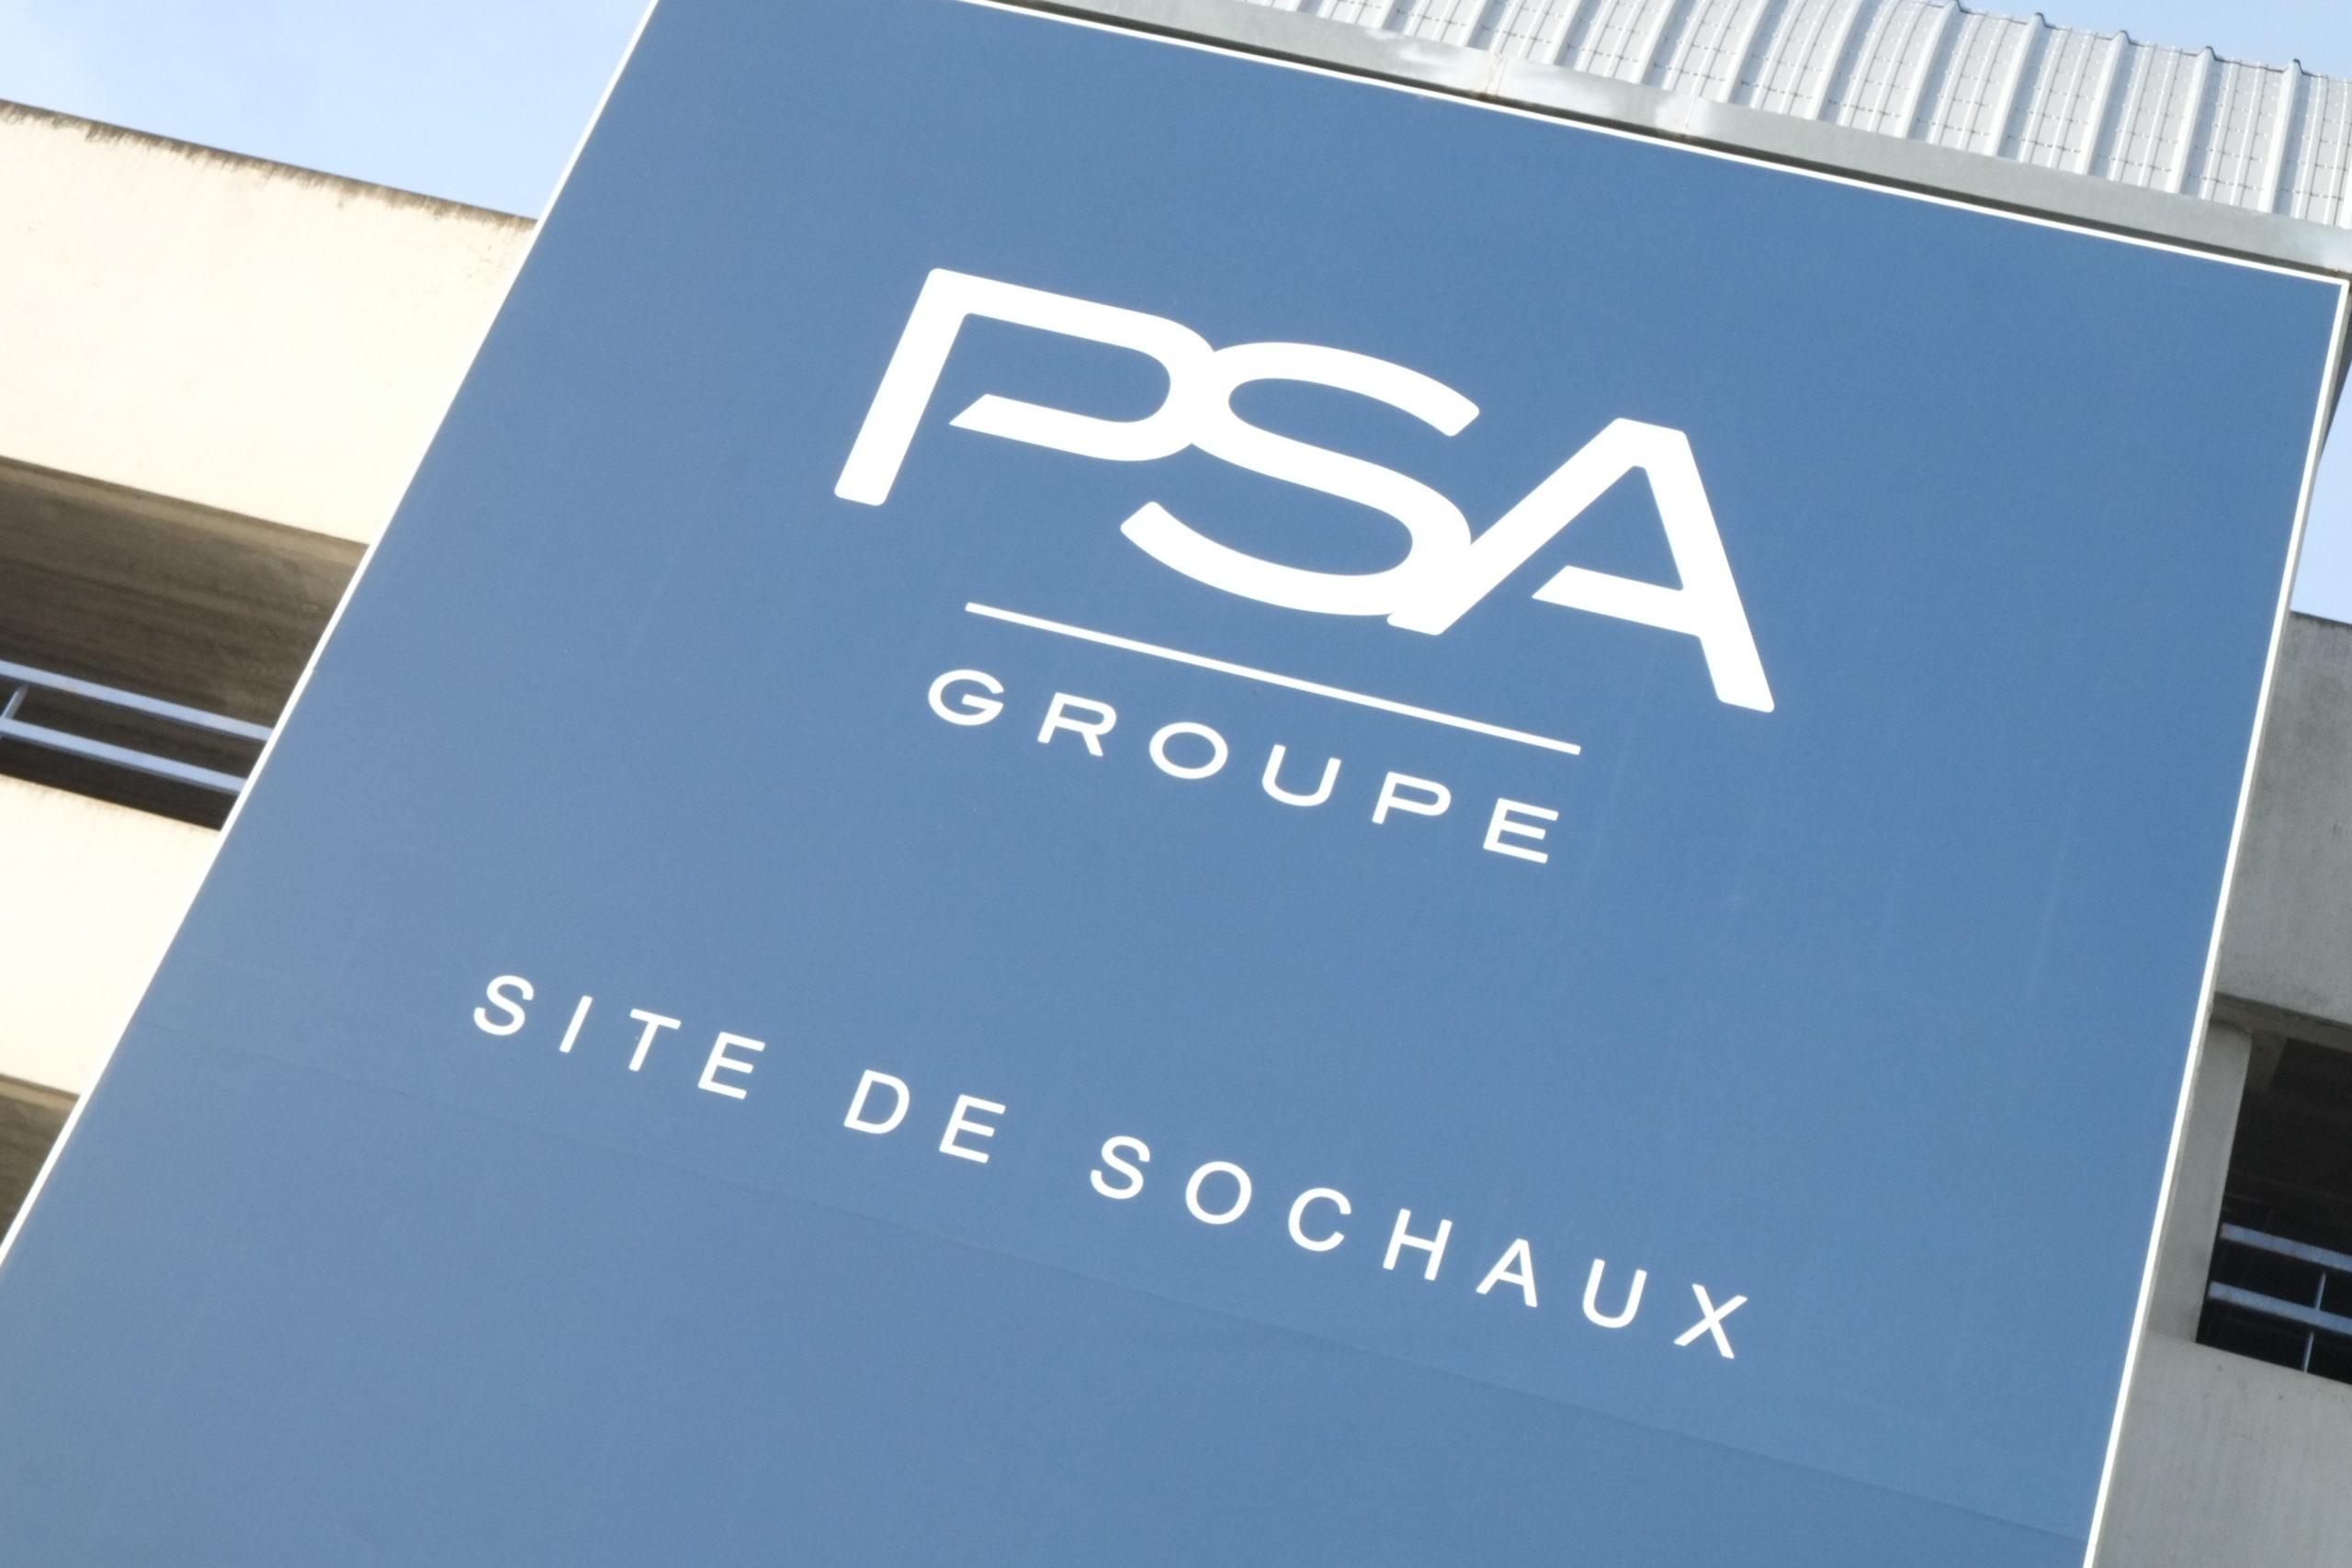 Le groupe PSA et FCA (Fiat) renoncent au versement de dividende ordinaire.